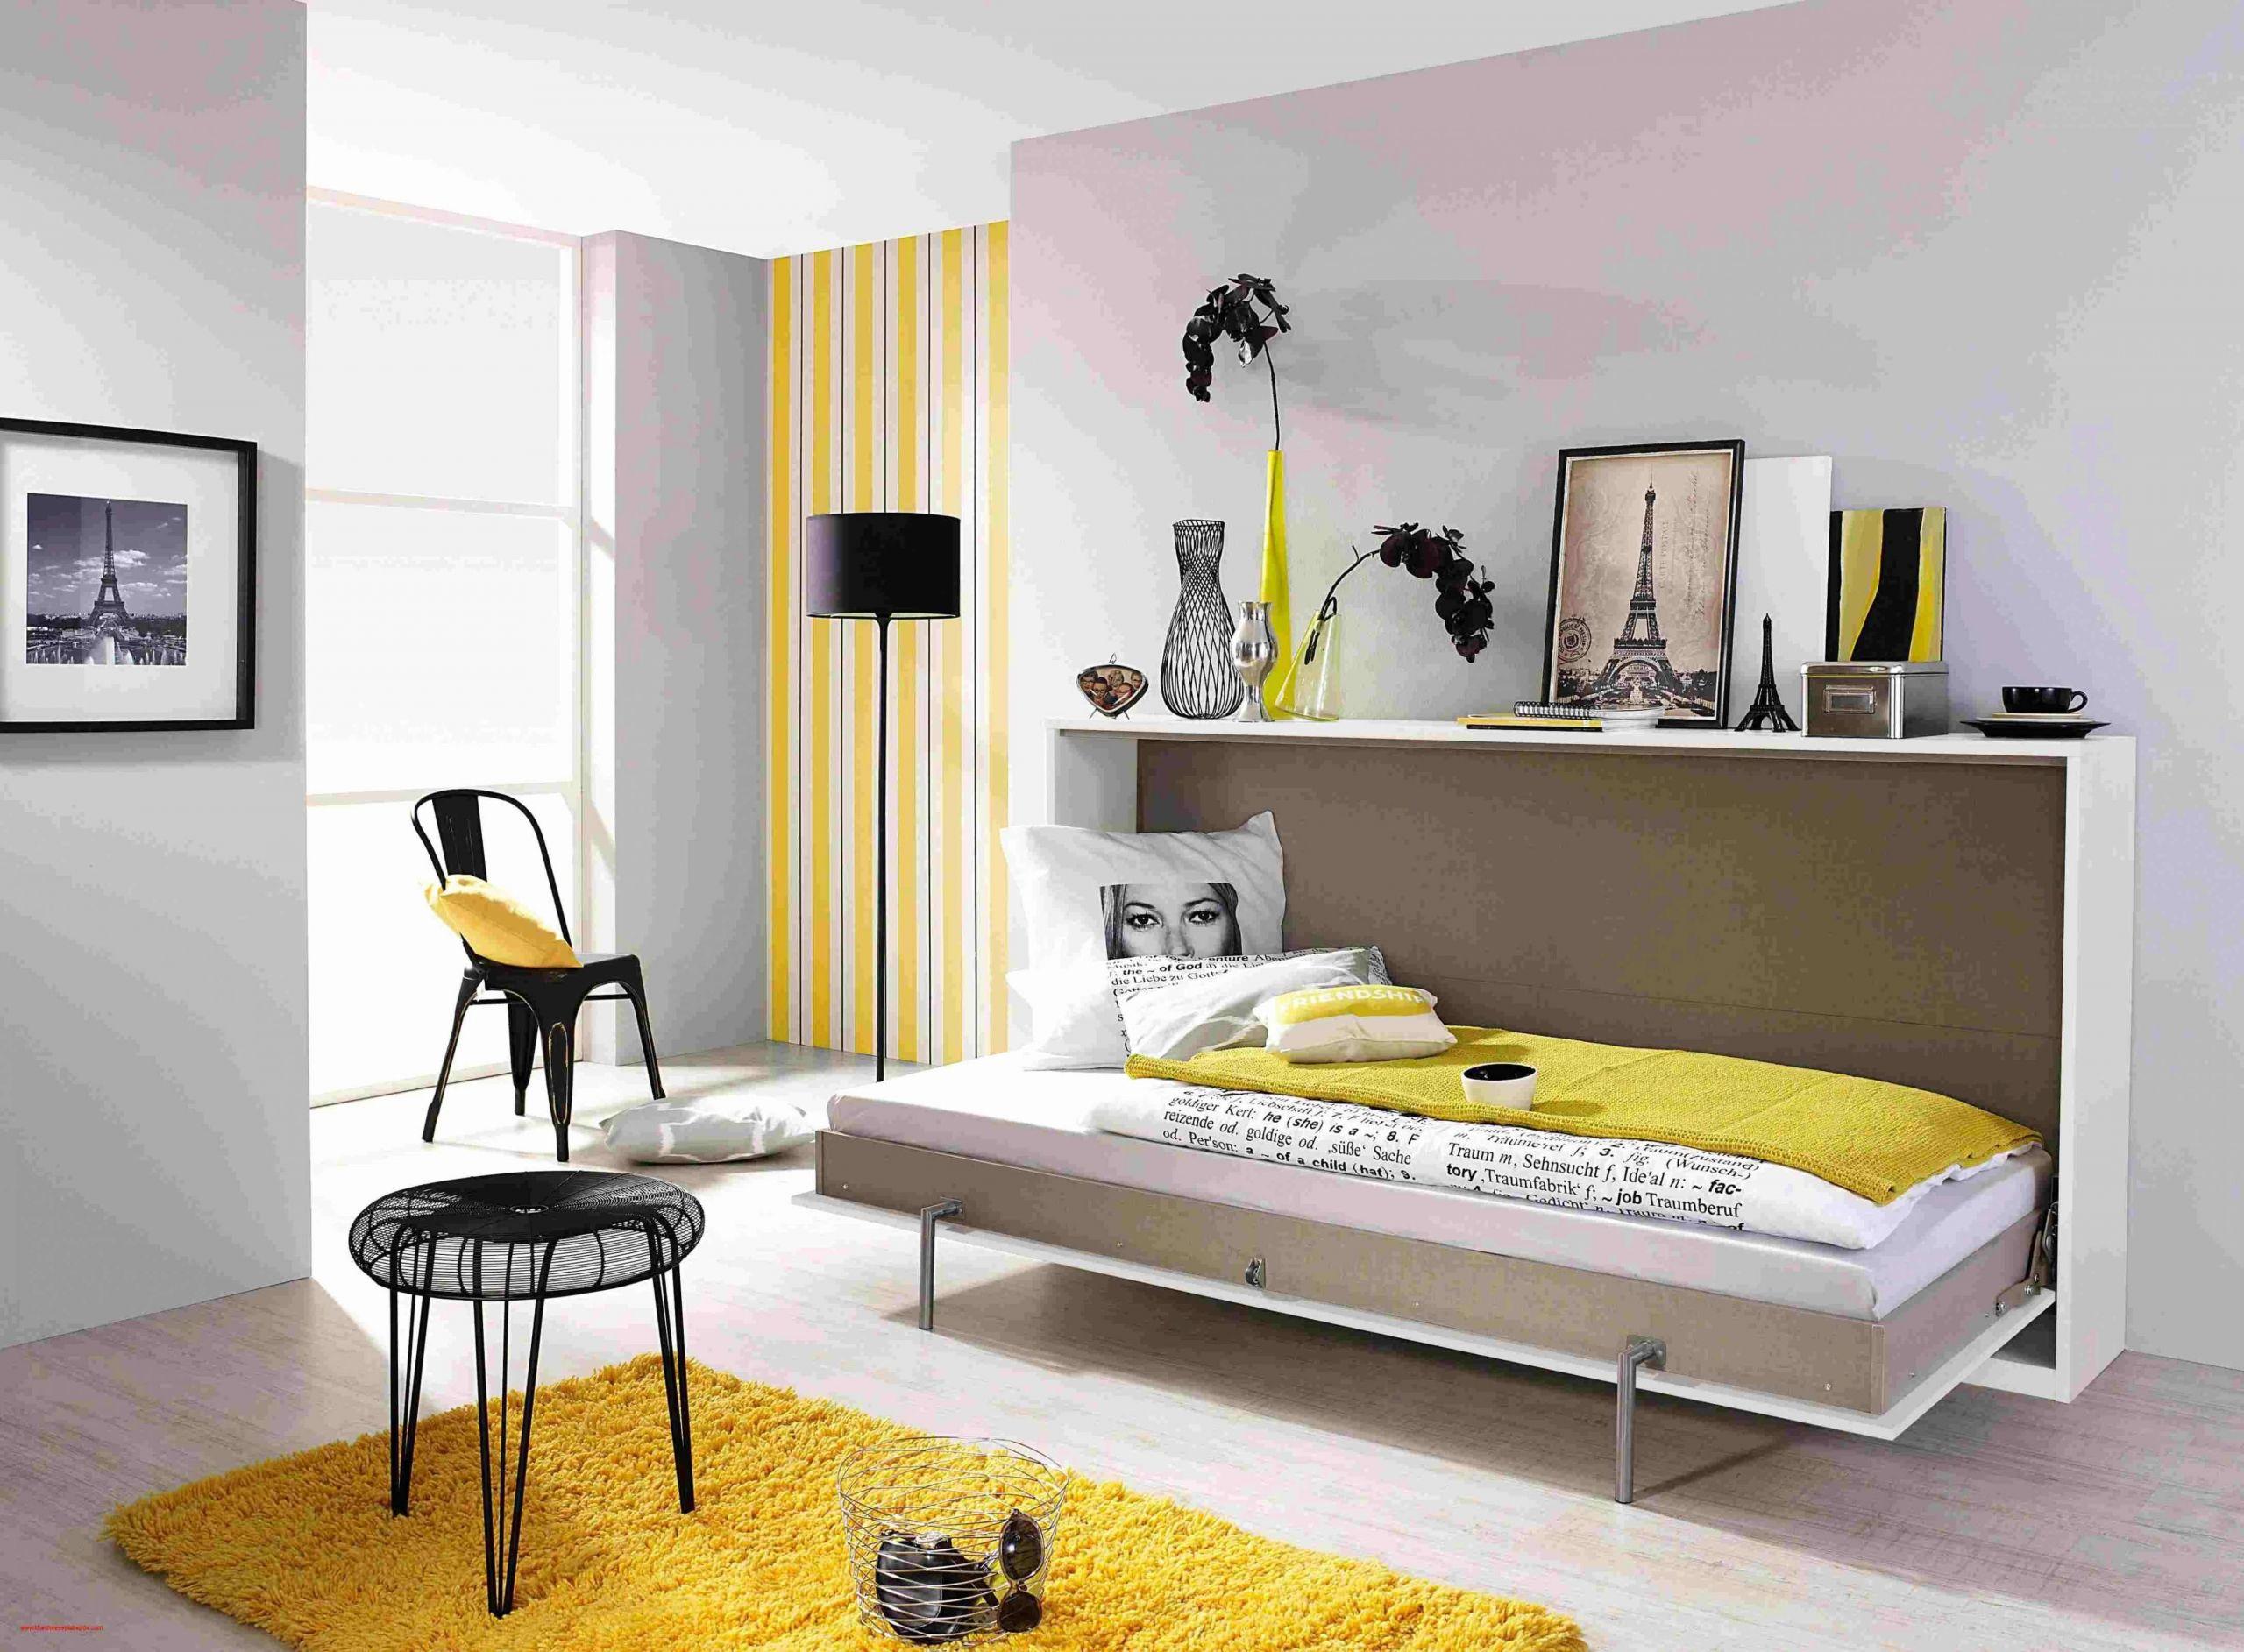 wohnzimmer lampe fur hohe decken reizend luxury moderne lampen fur kuche 2019 of wohnzimmer lampe fur hohe decken